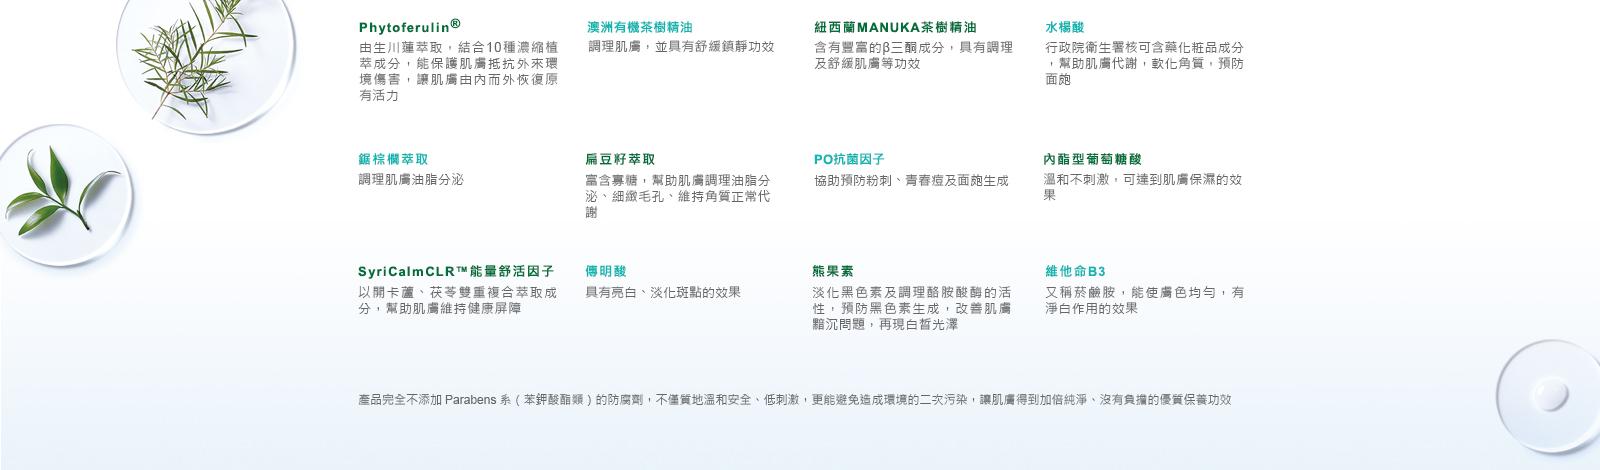 wechat-image-20210105130226.jpg